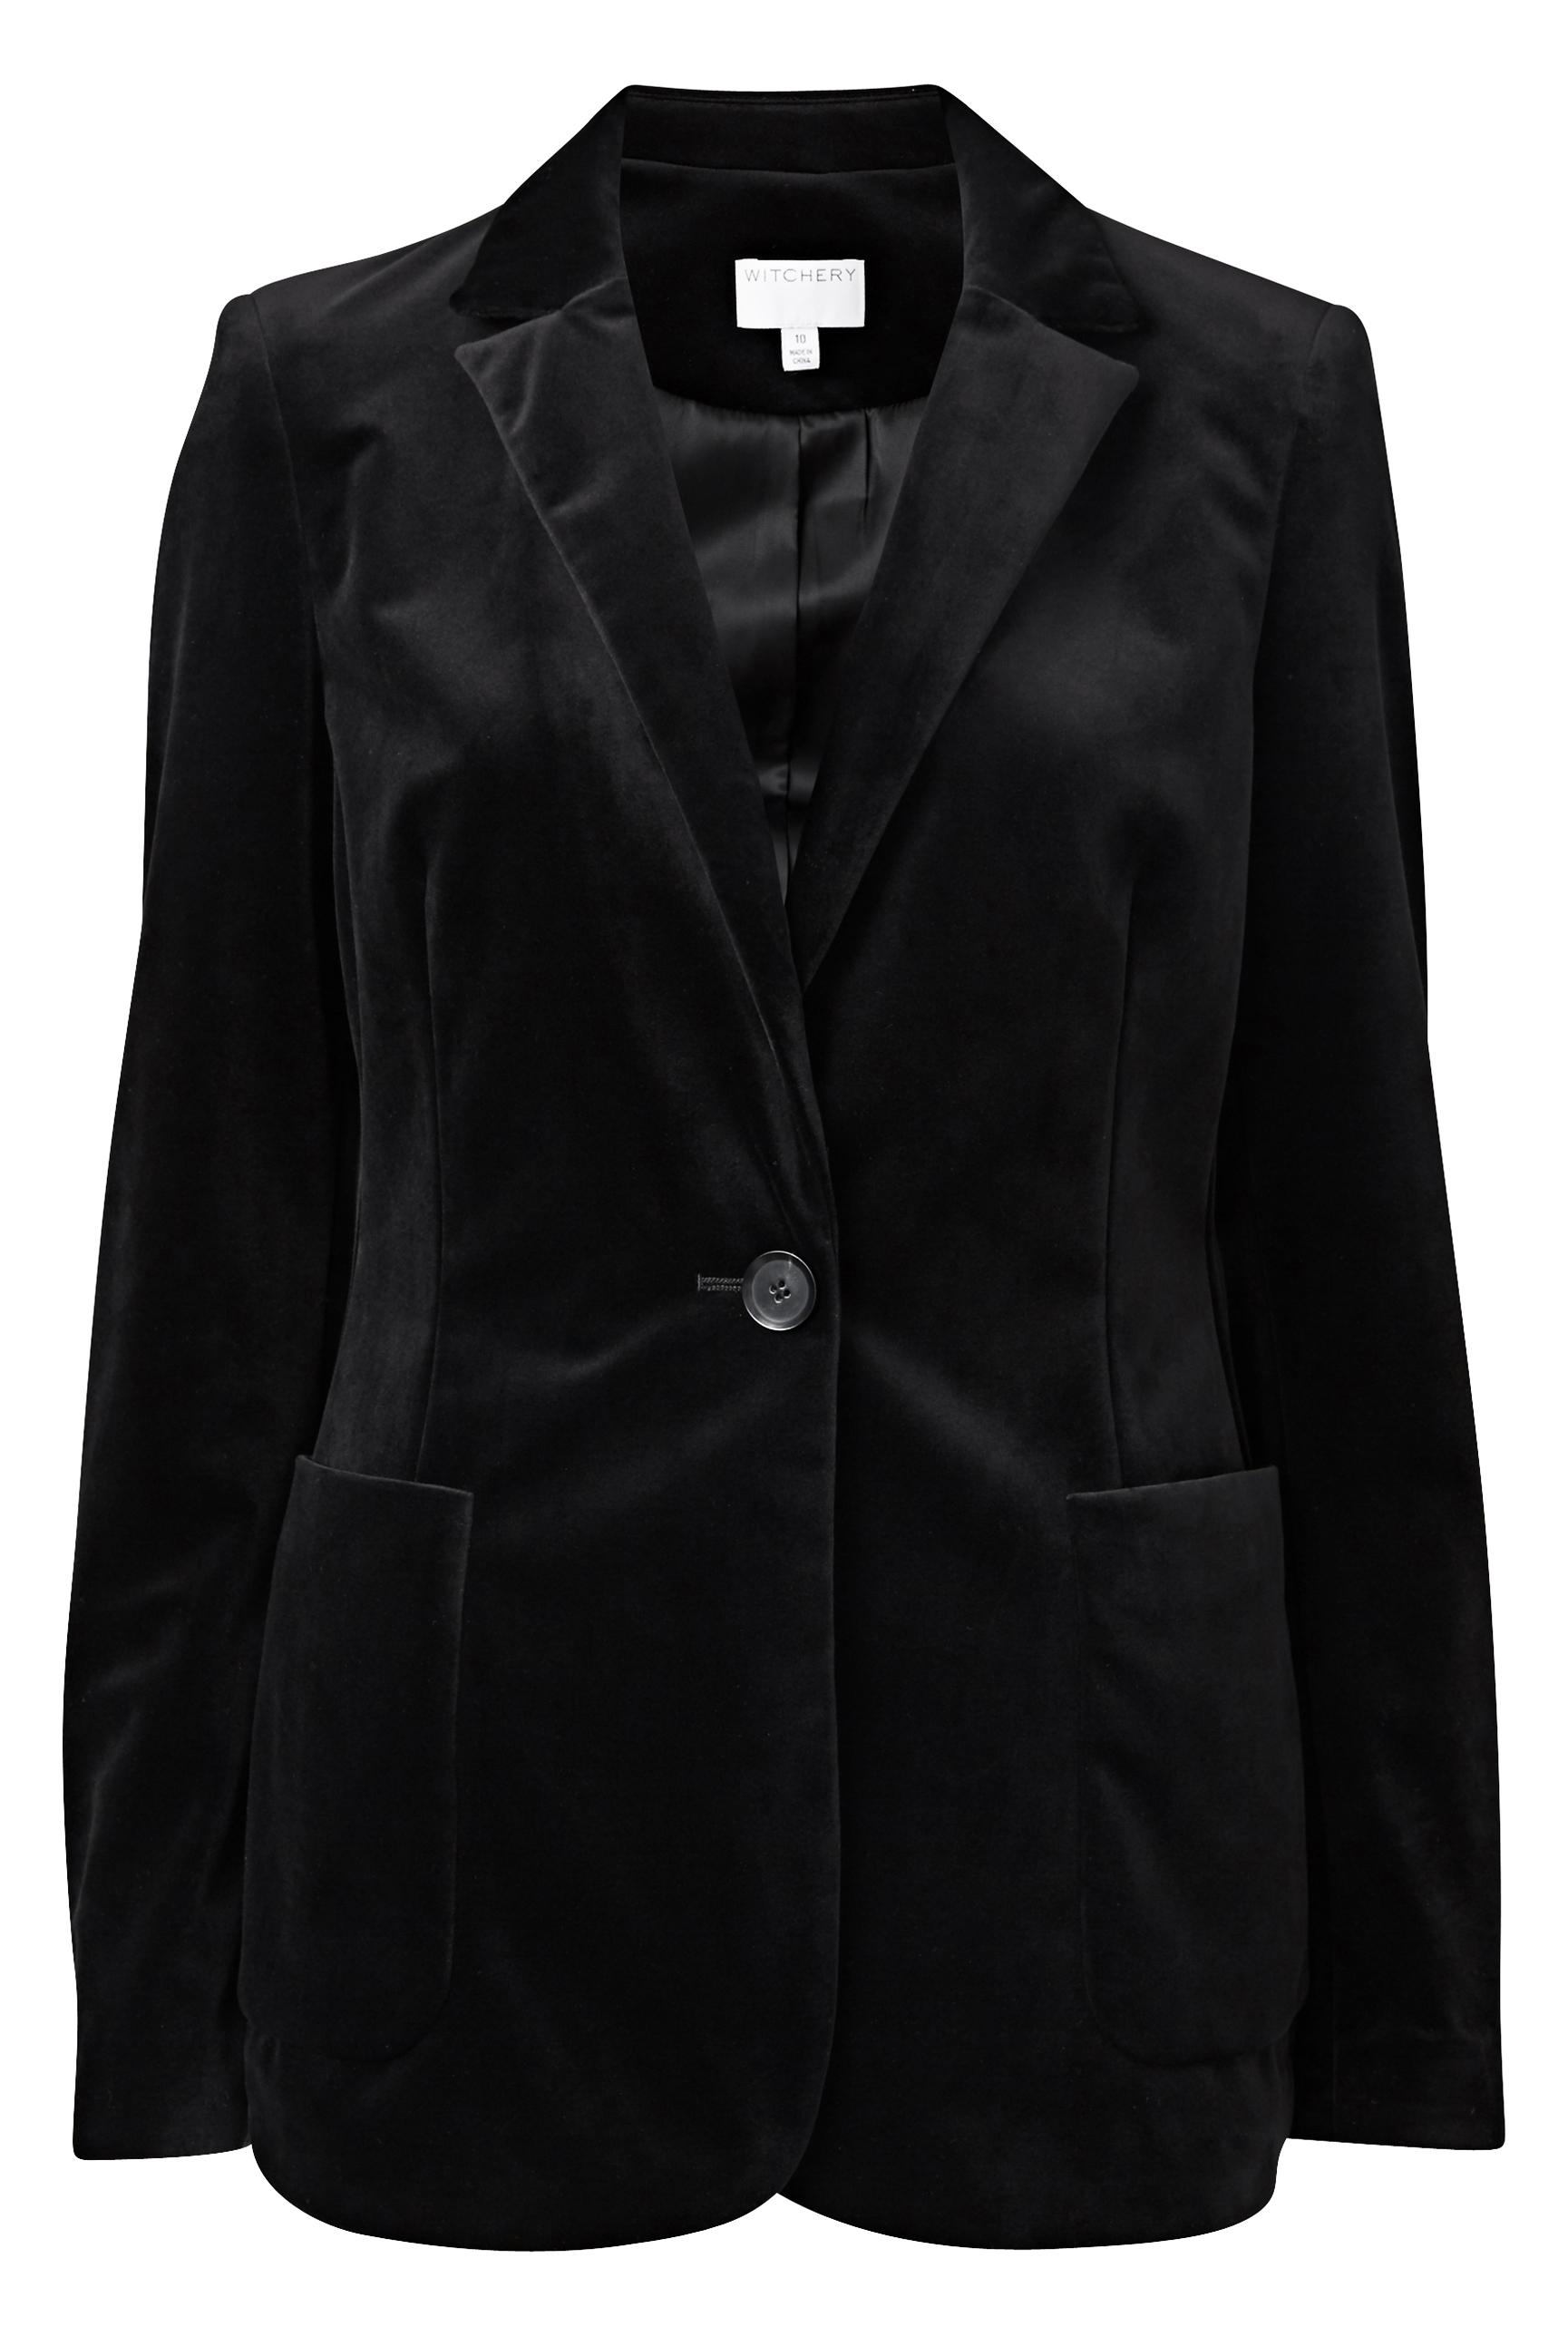 60193700_Witchery Velvet Blazer, RRP$279.90